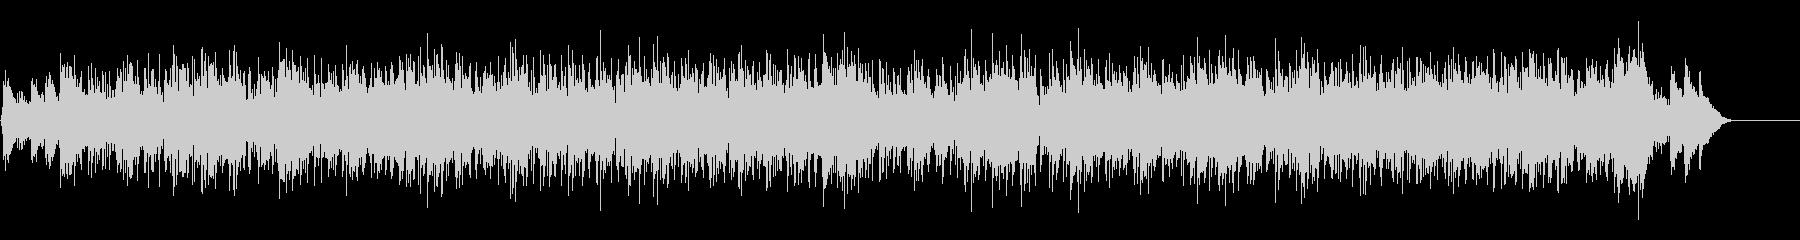 アーバン・ポップス(洗練された雰囲気)の未再生の波形